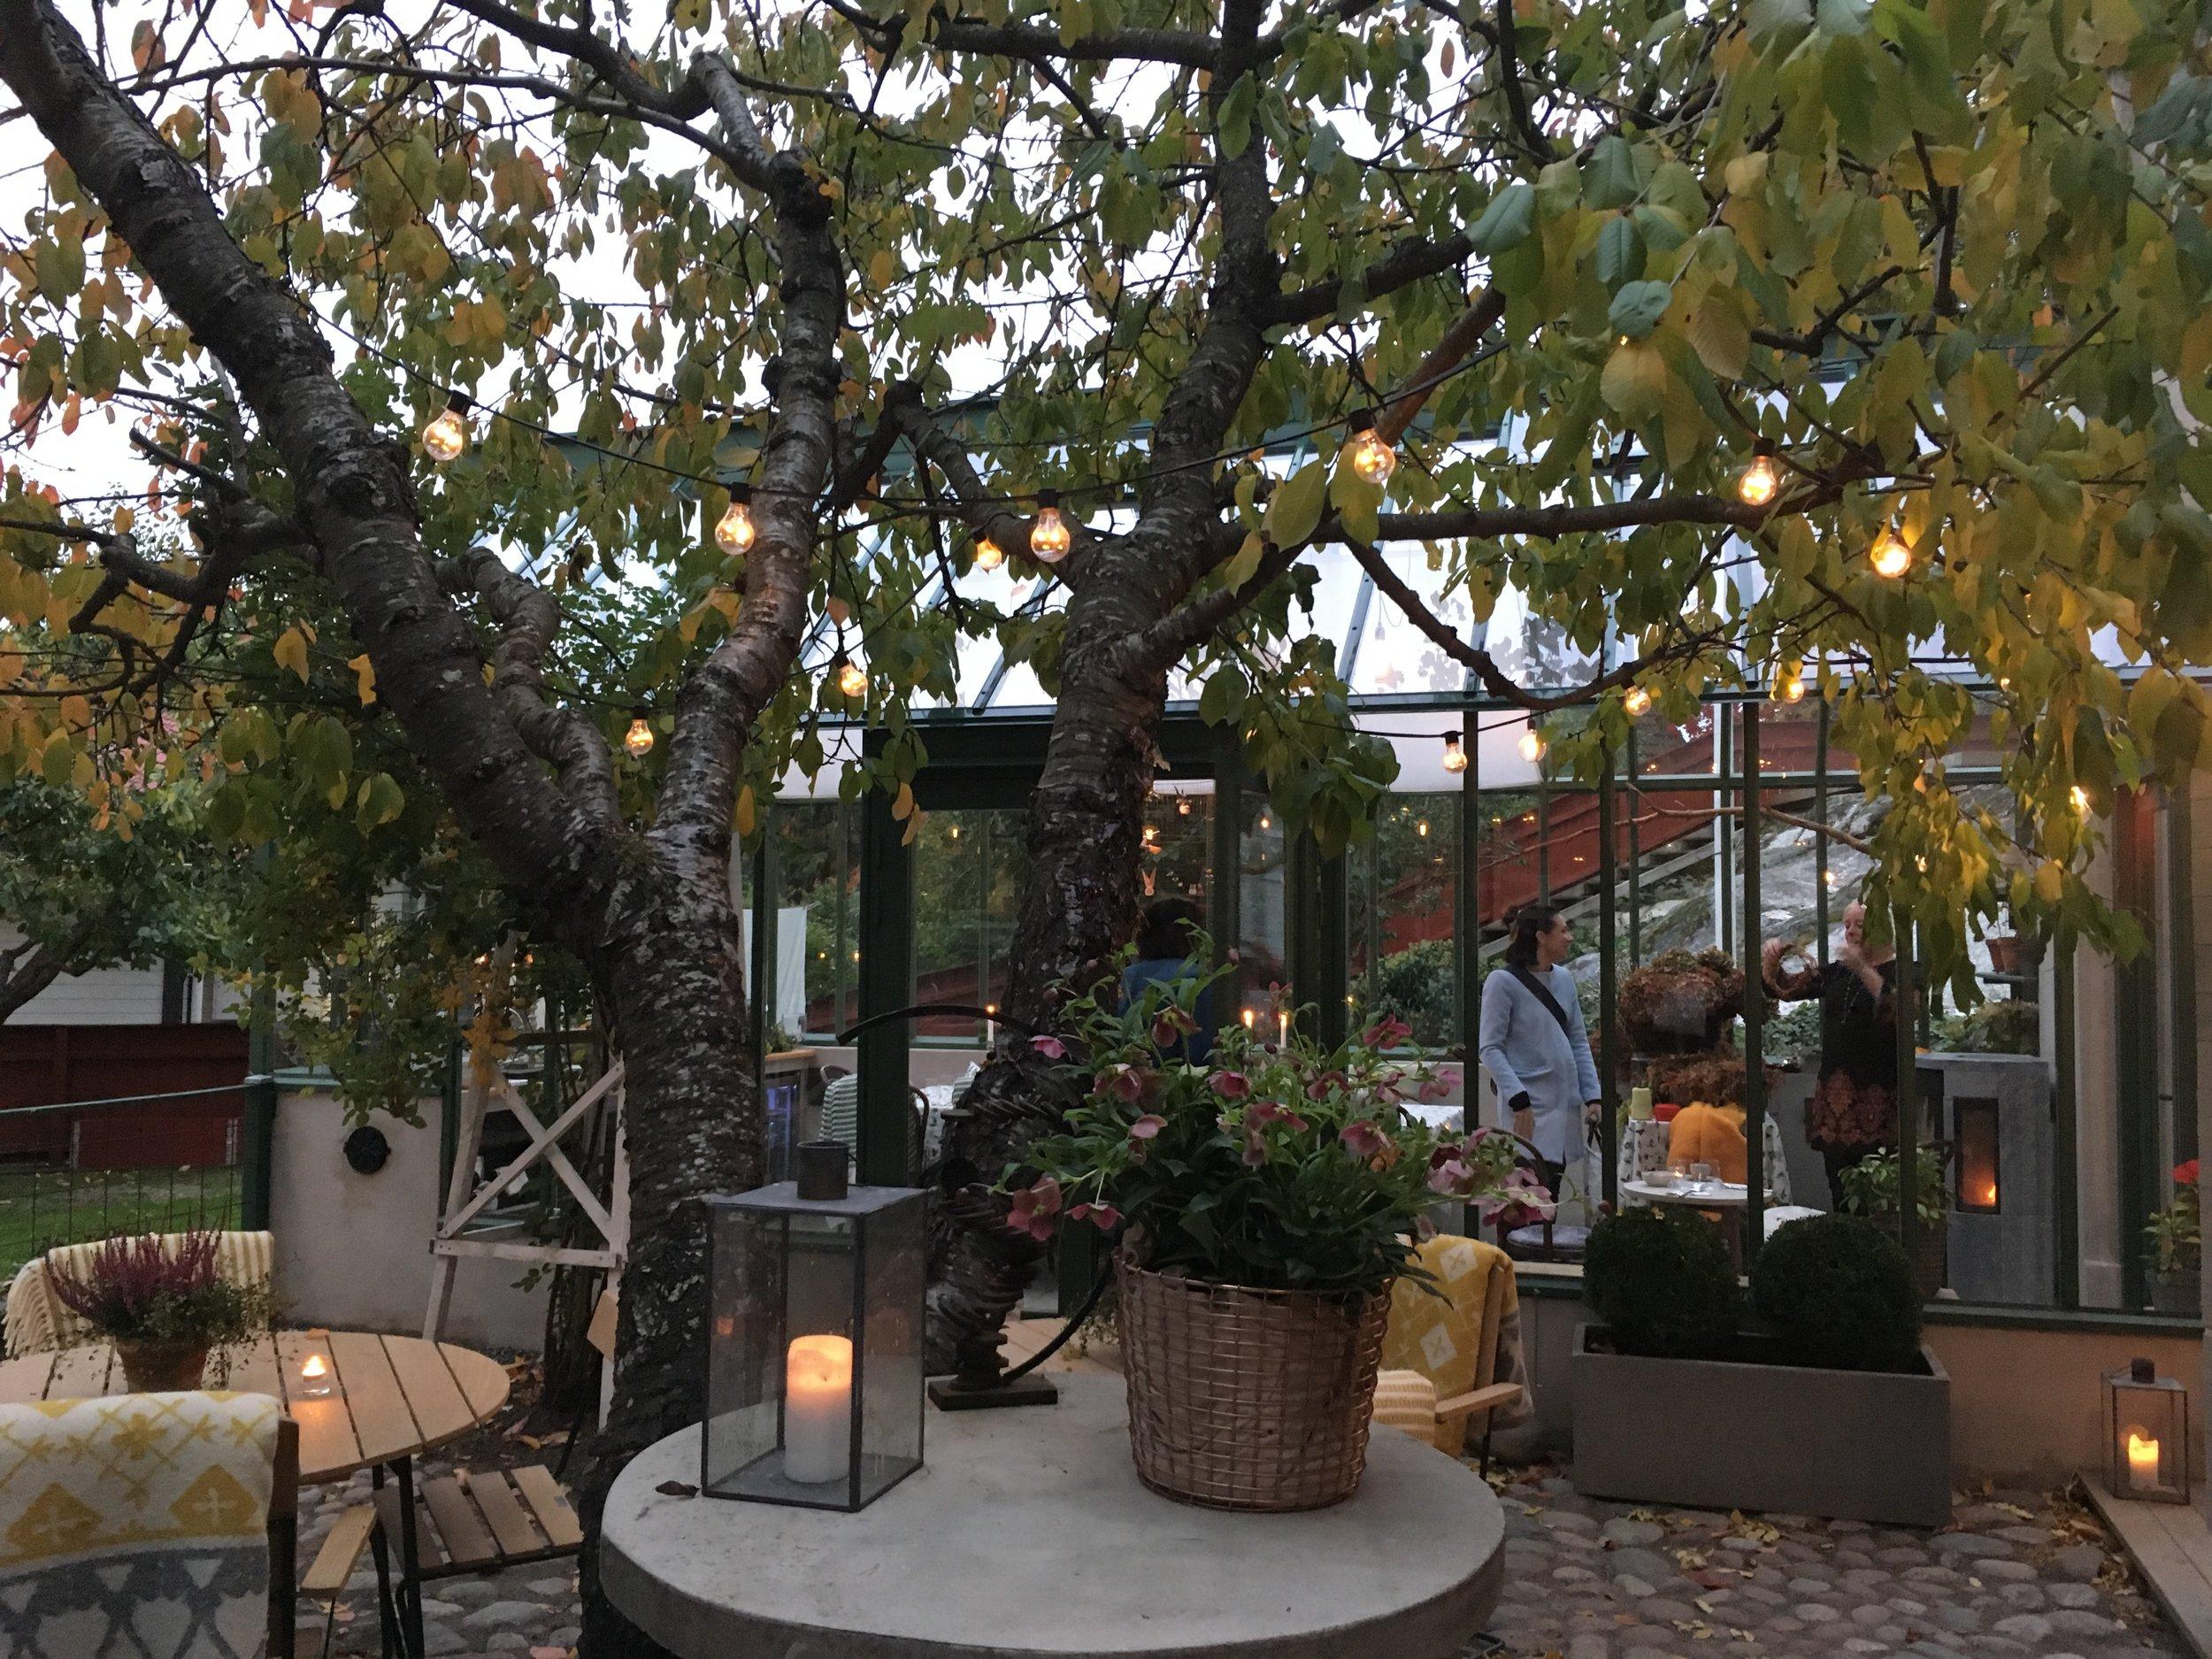 Växthuset och innergården, där det också finns en liten pyttebutik.